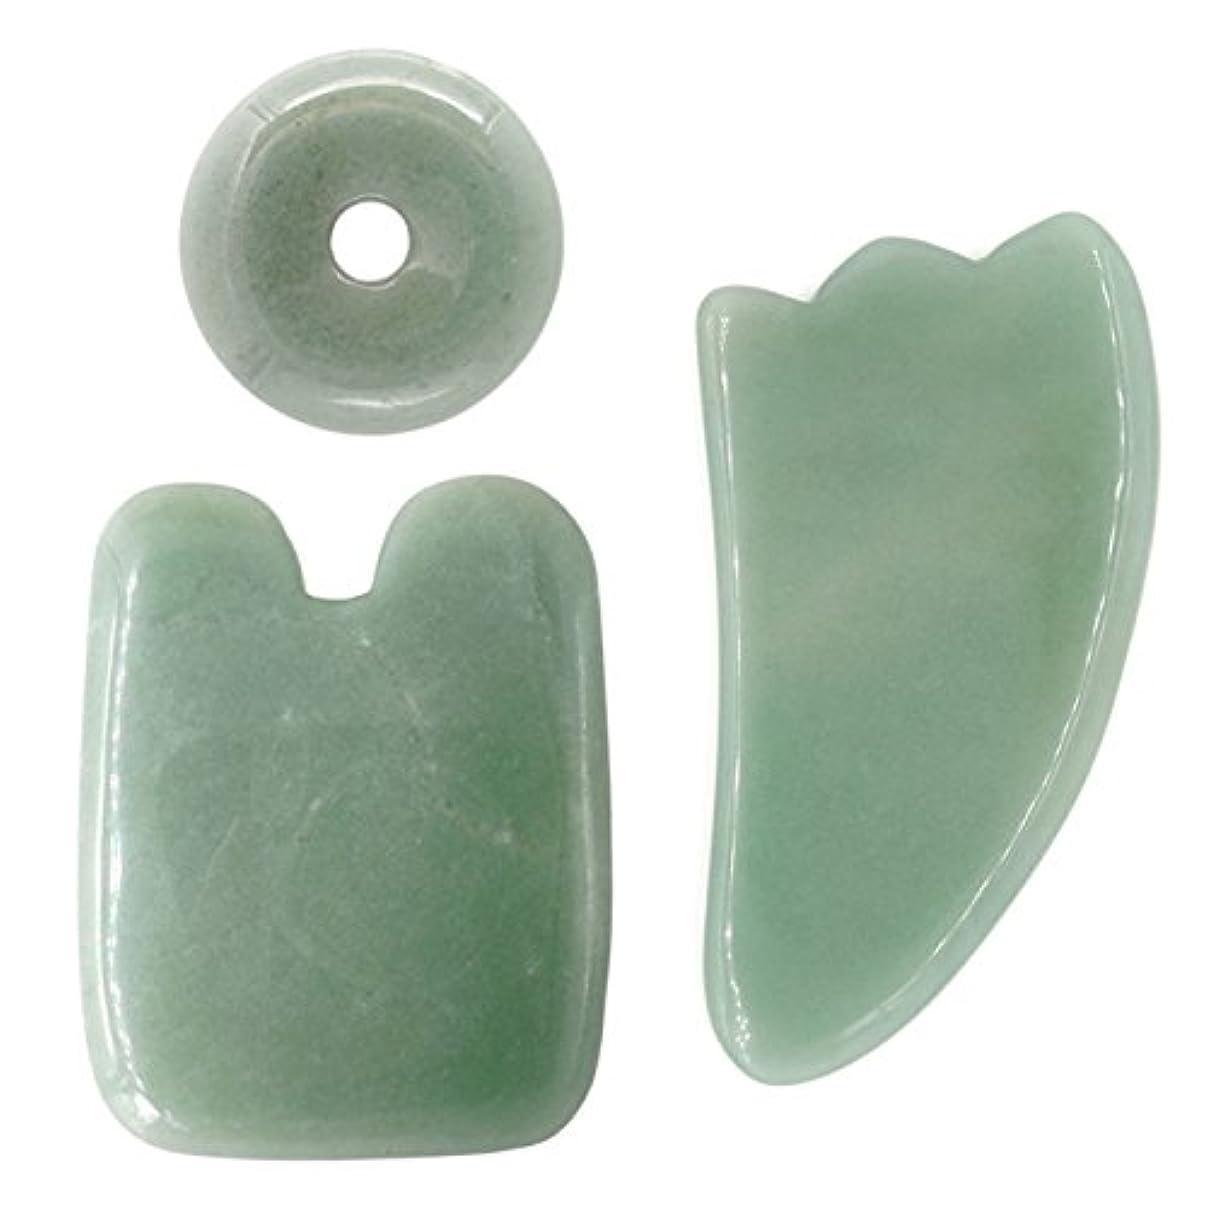 ティーム着飾る鳴り響く3点セット3pcsFace / Body Massage Natural Jade Boardかっさプレート 天然石 翡翠(顔?ボディのリンパマッサージ)